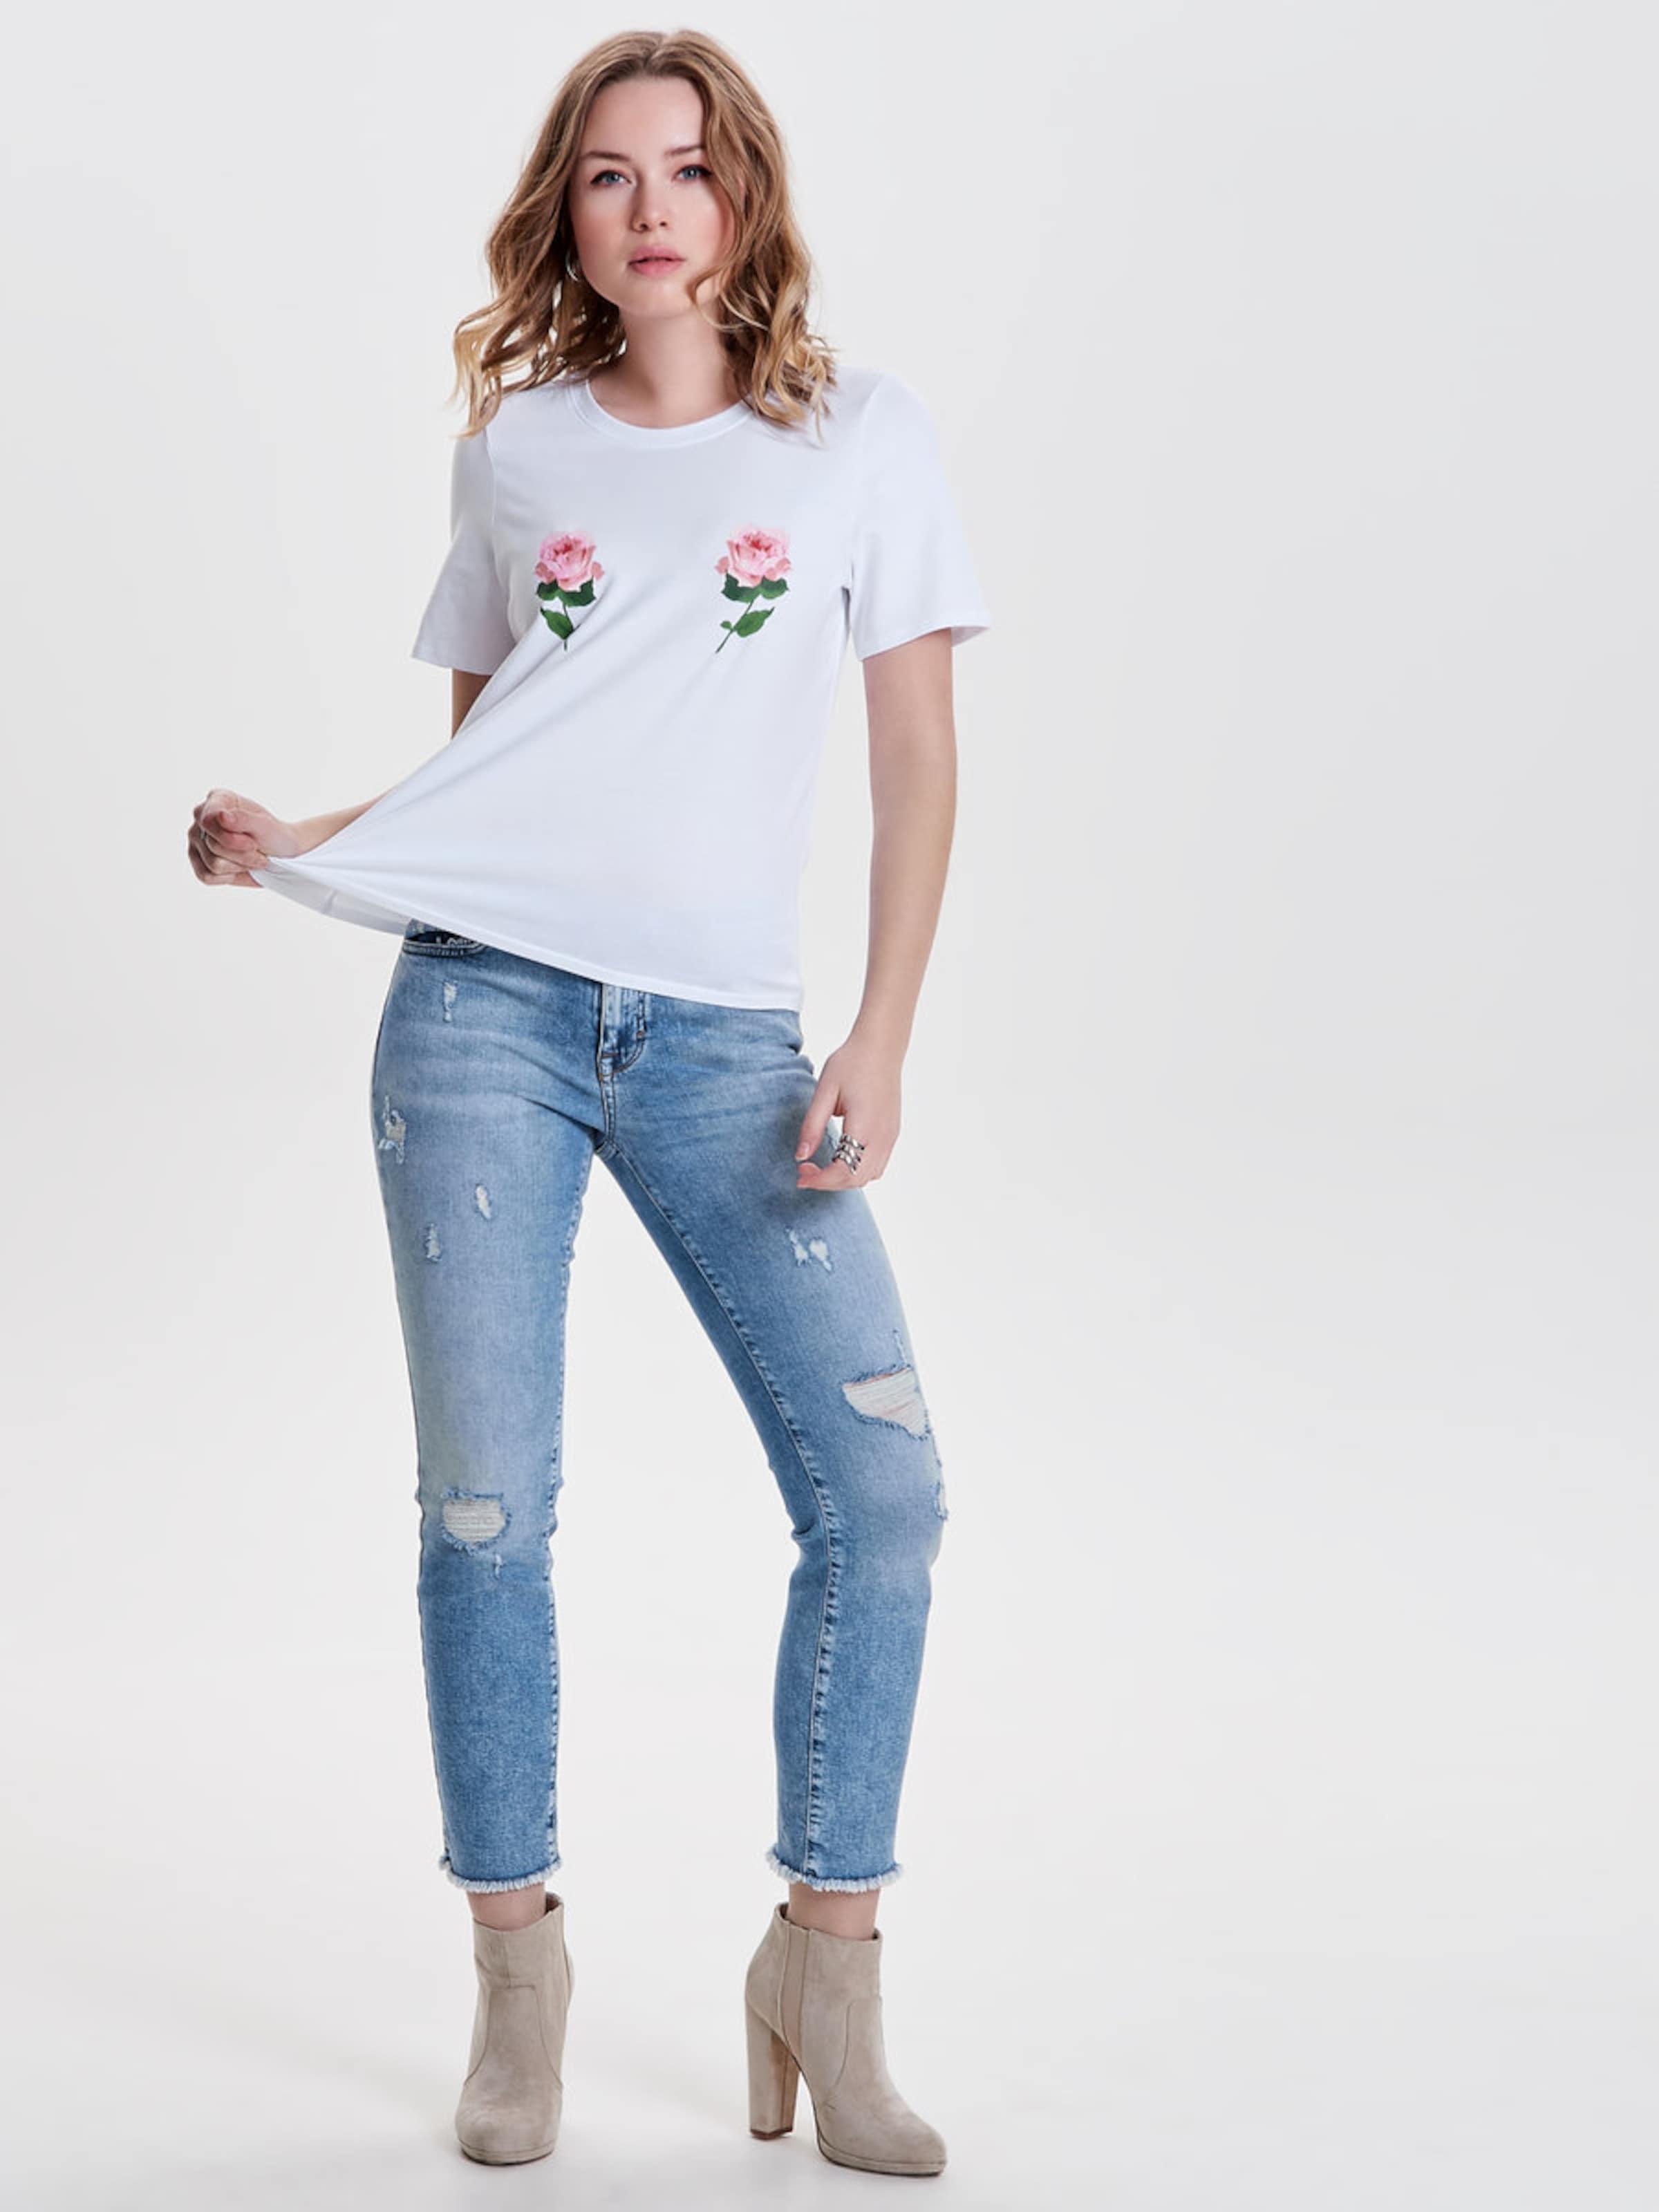 ONLY T-Shirt 'NANY' Günstig Kaufen Niedrigen Preis Versandkosten Für Rabatt Erwerben CeZwoI